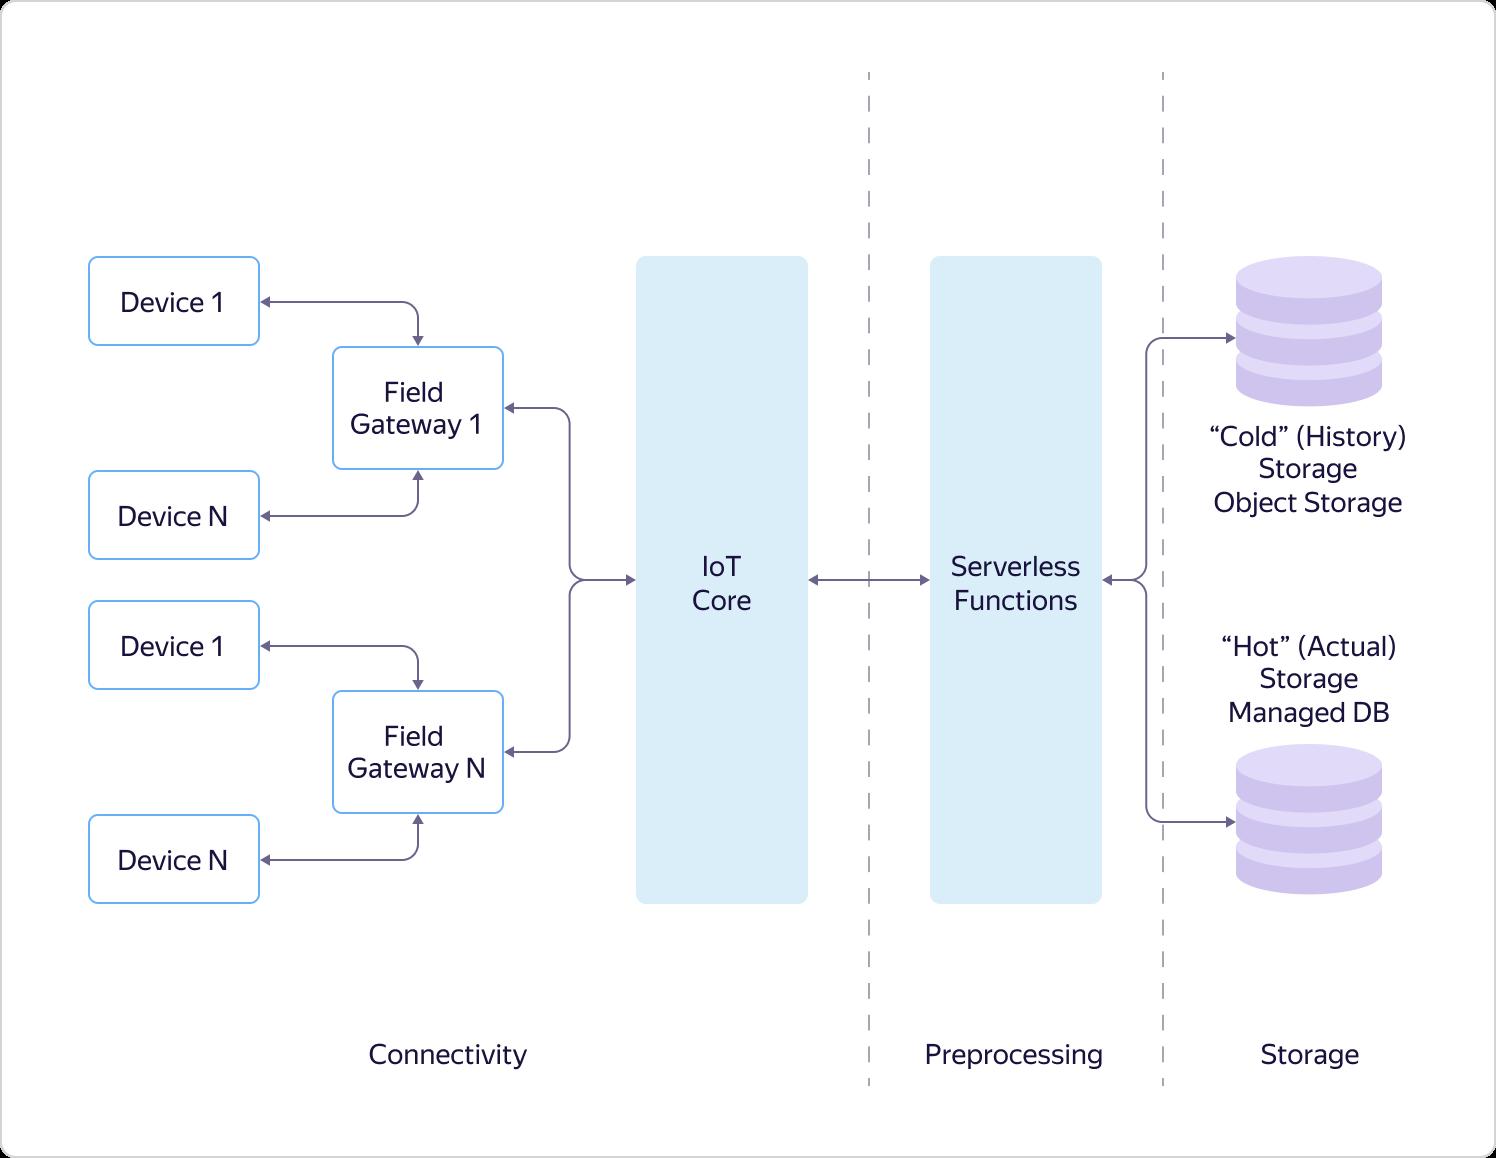 Интернет вещей в Яндекс.Облаке: как устроены сервисы Yandex IoT Core и Yandex Cloud Functions - 3